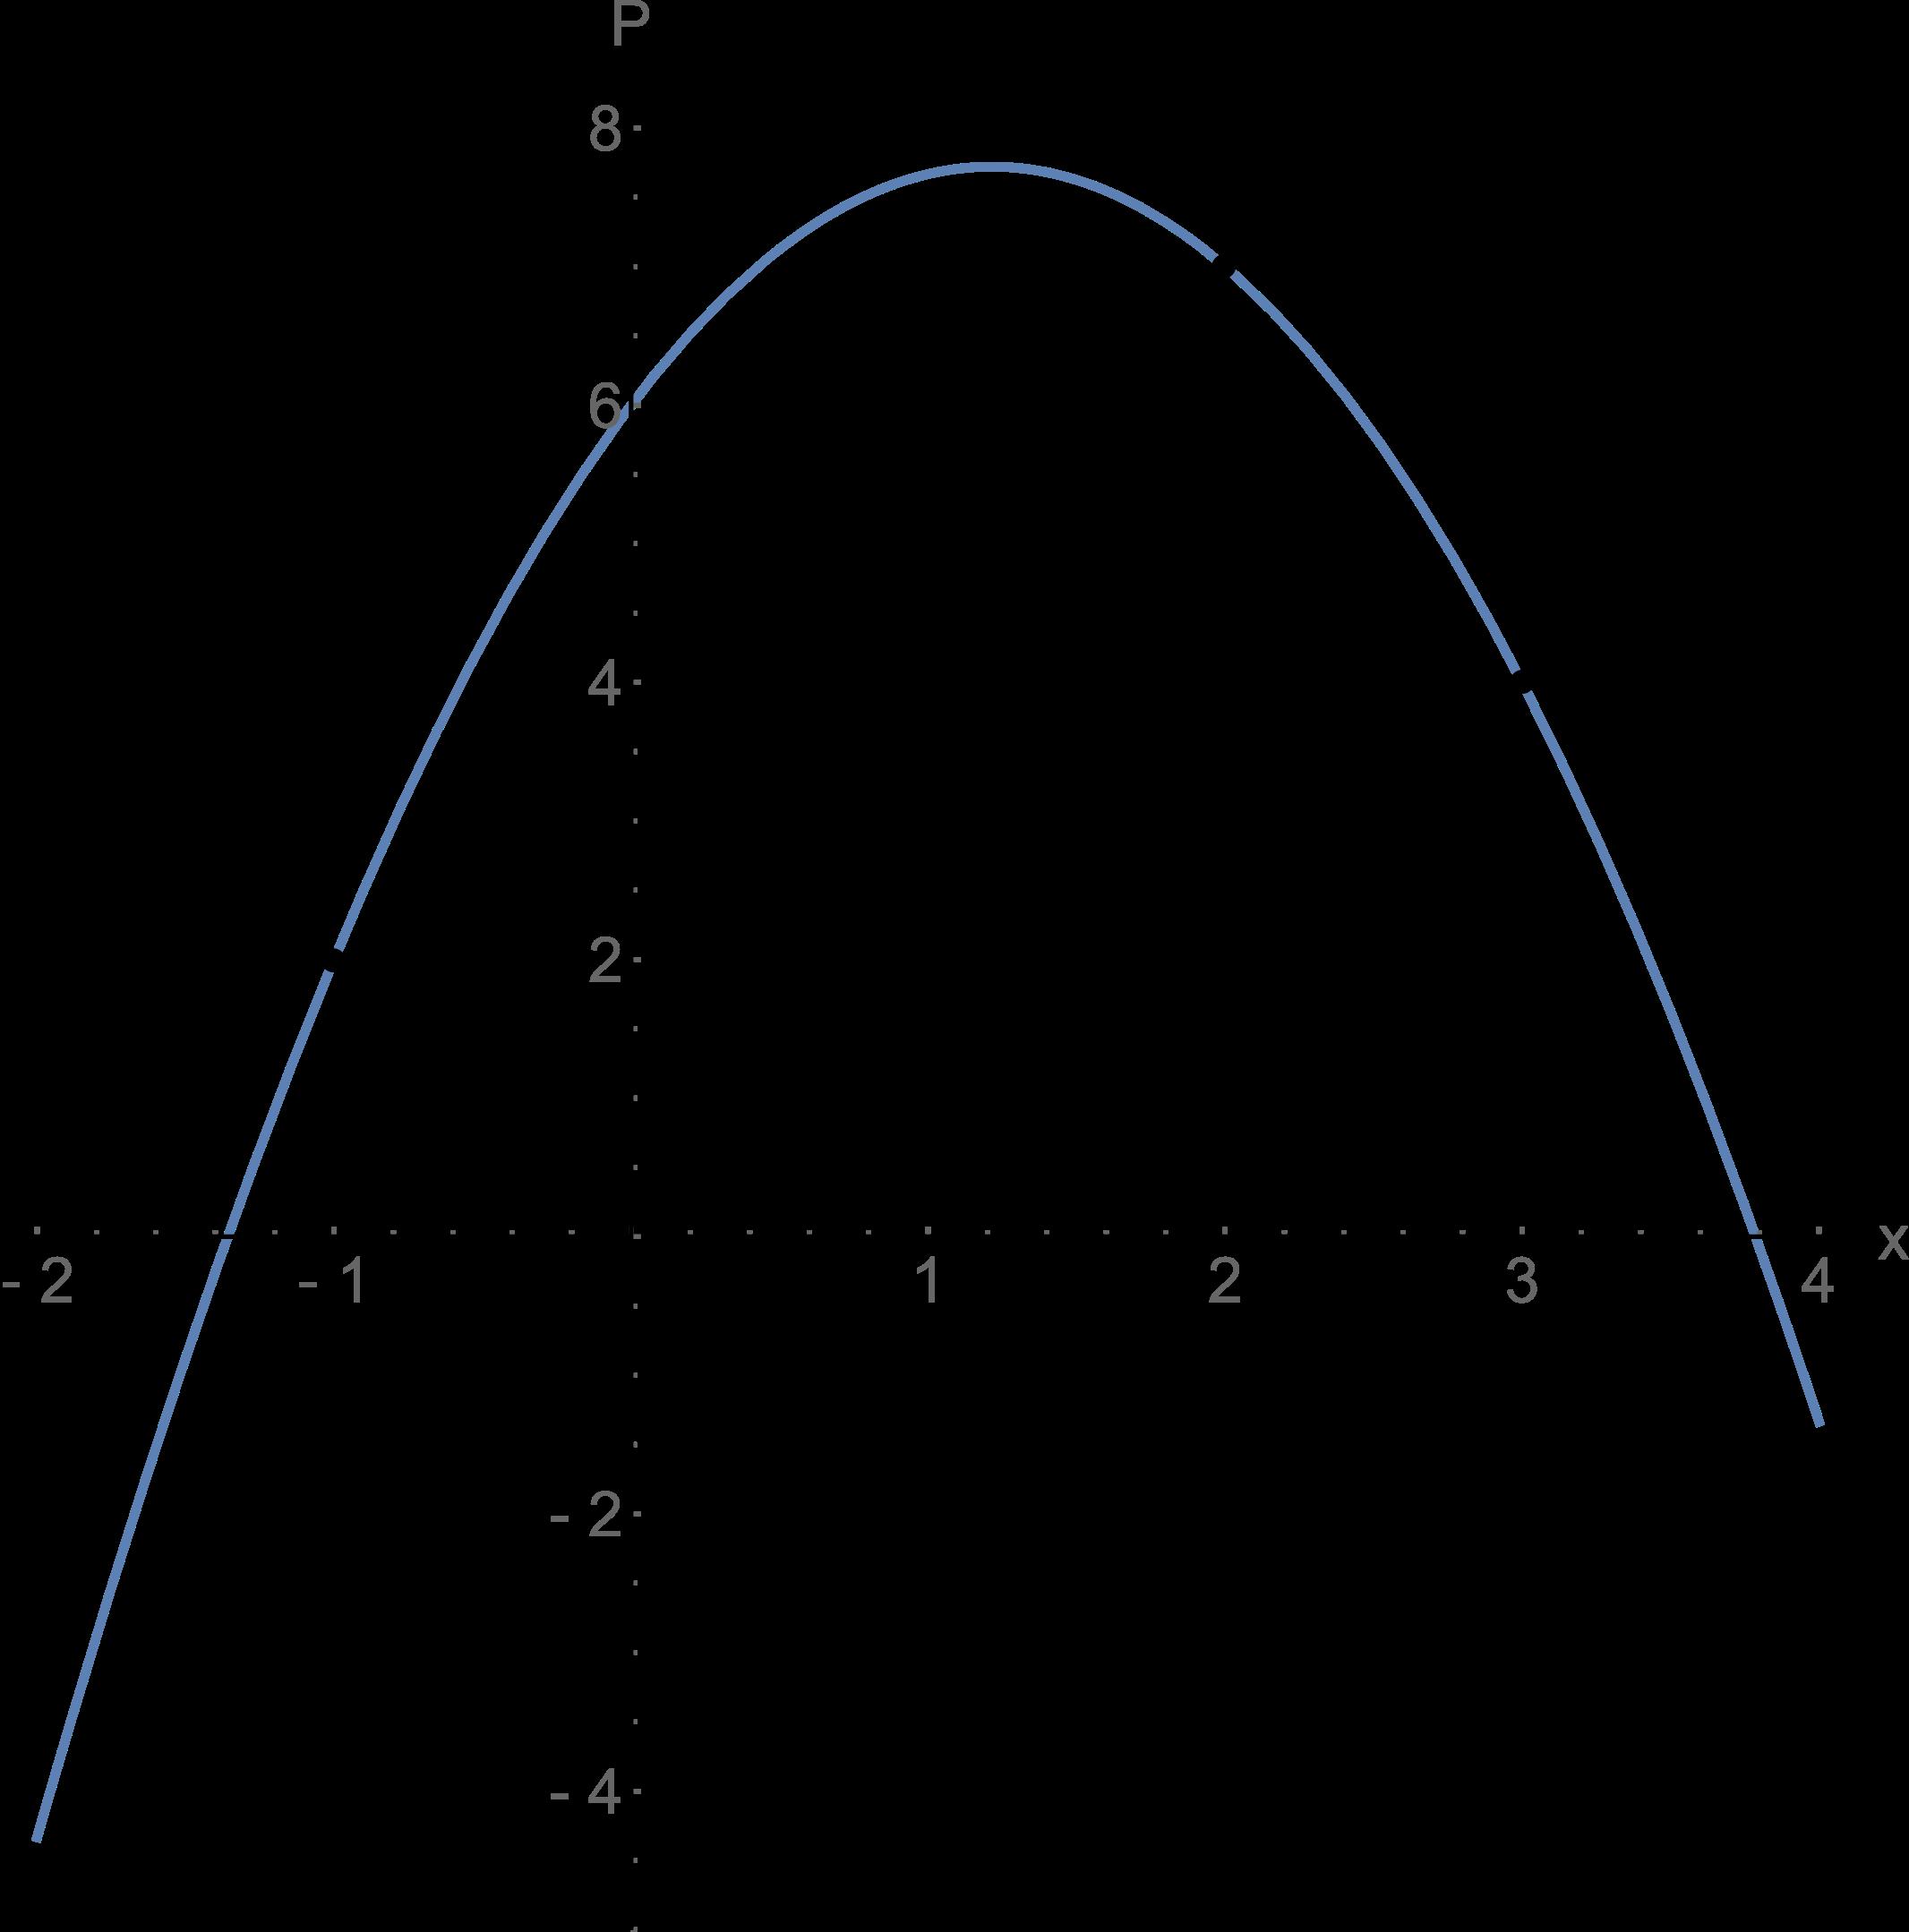 Обратные задачи аффинных преобразований или об одной красивой формуле - 52